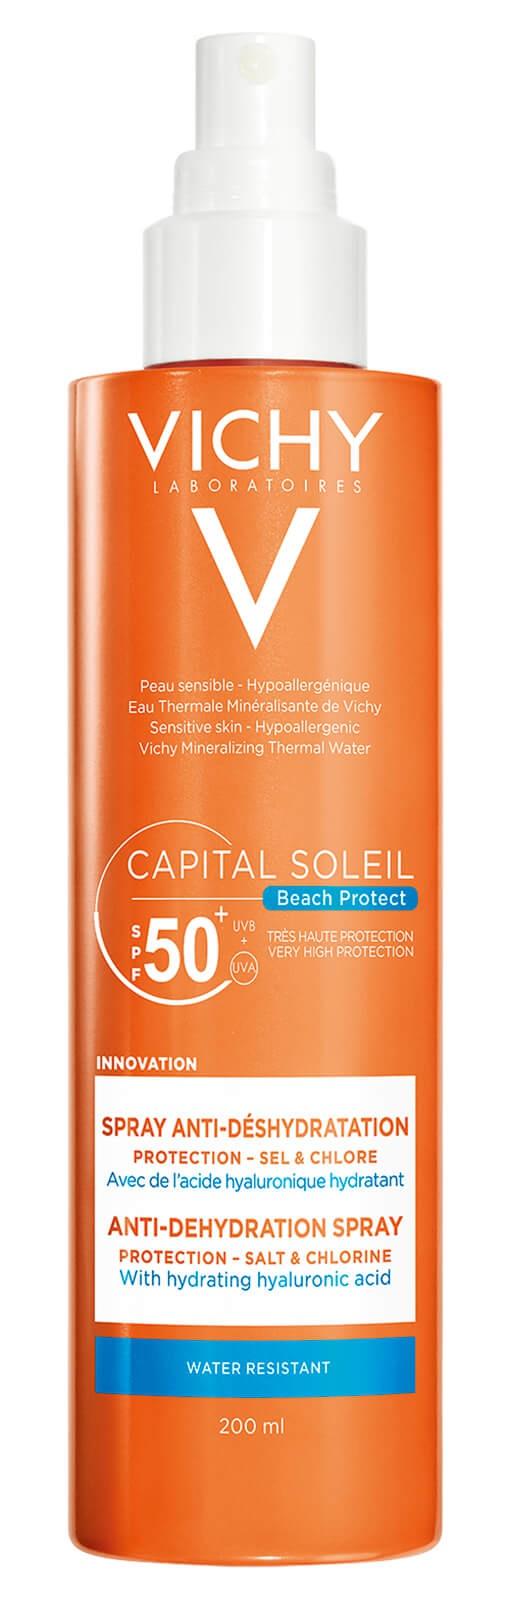 Vichy Capital Soleil Beach Protect Spf 50